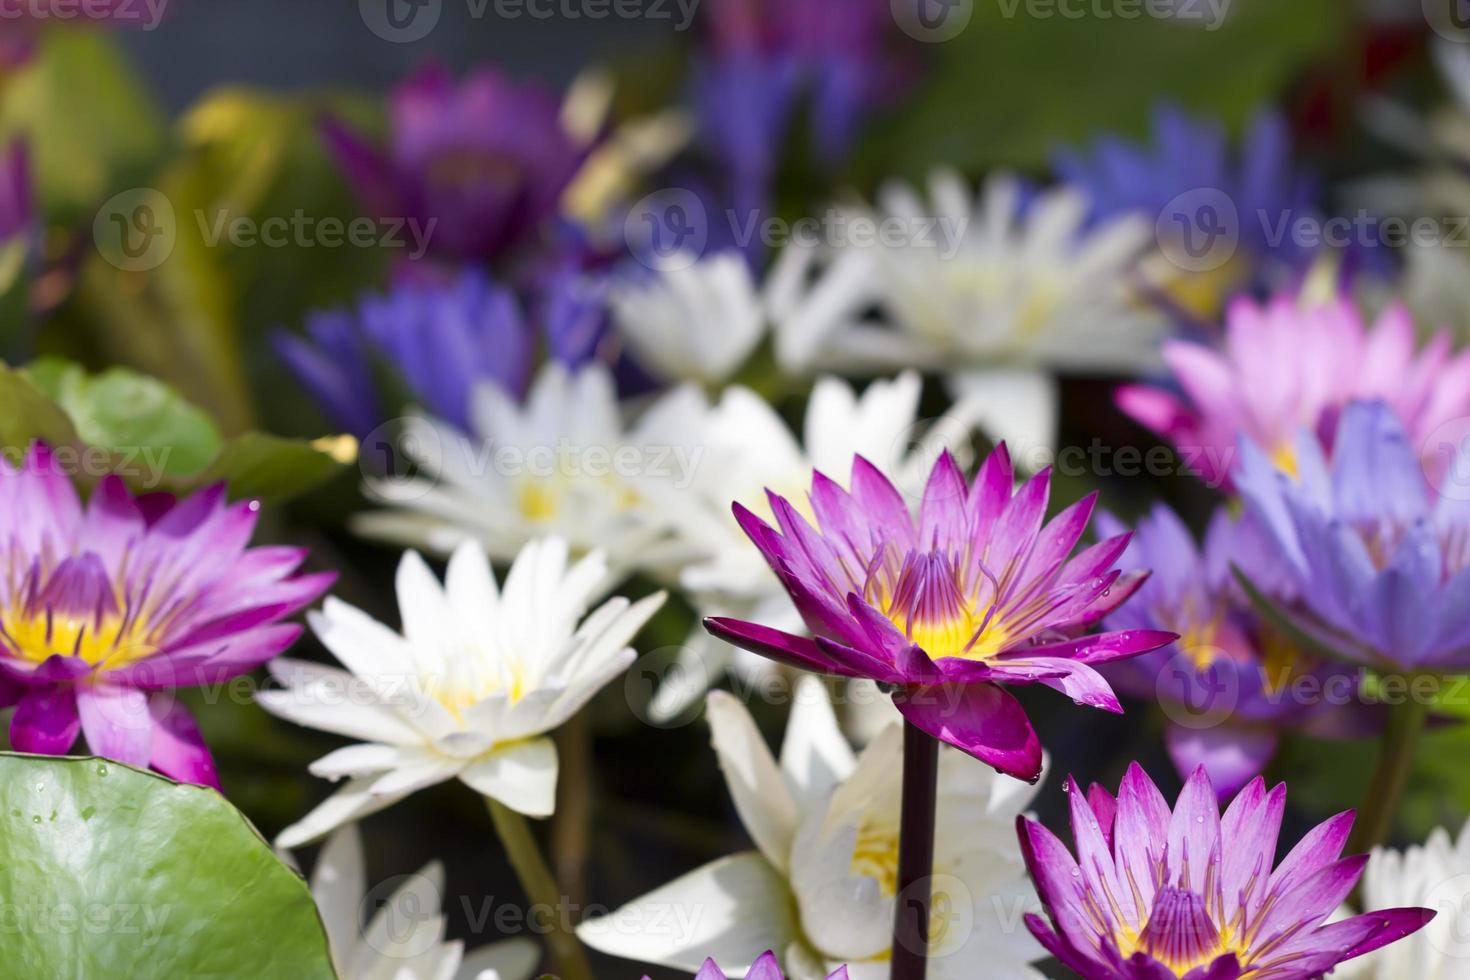 kleurrijke waterlelie foto